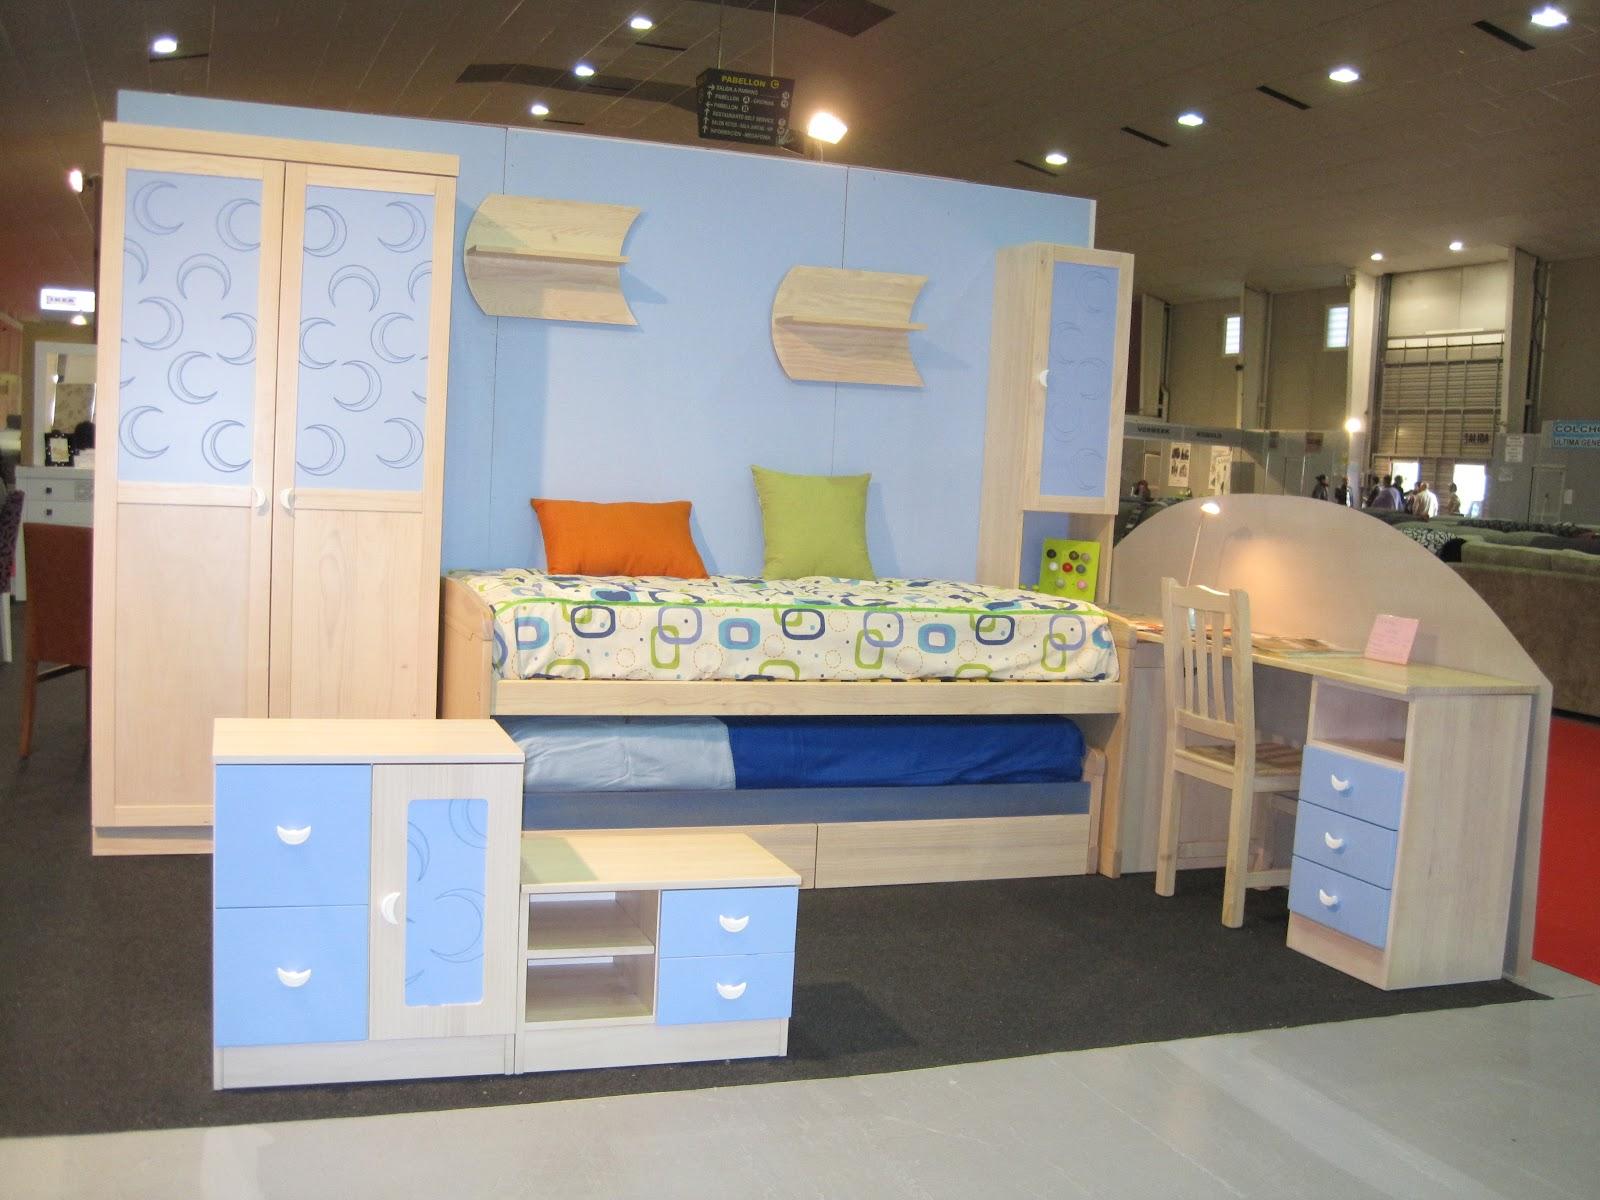 Muebles arcecoll dormitorio juvenil de madera maciza - Dormitorios juveniles de madera maciza ...